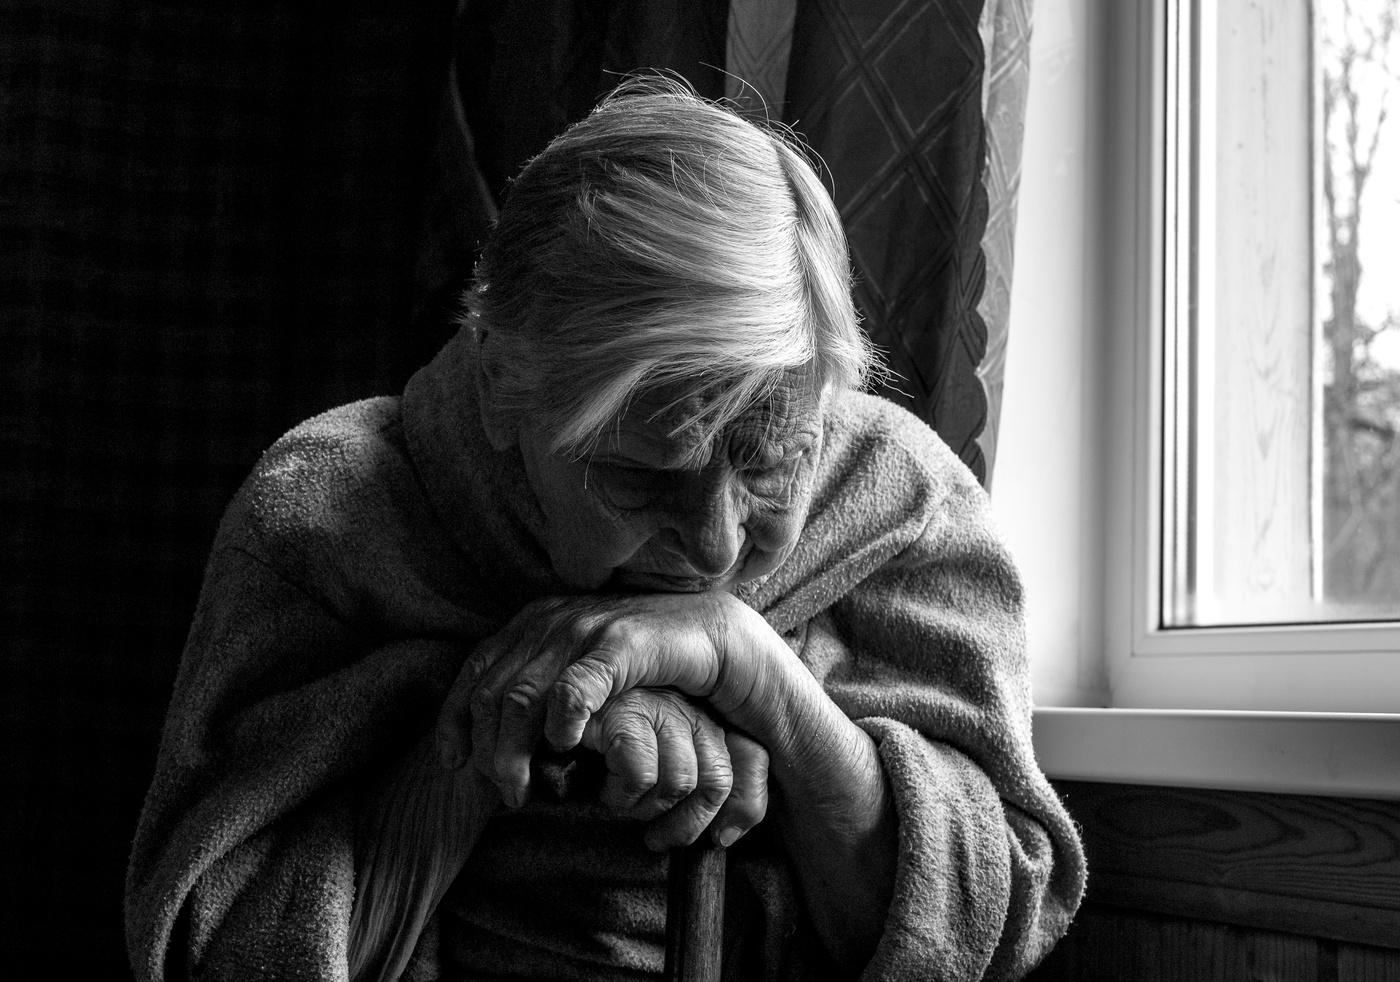 Очередной пустой день… ее глаза были как у той собаки, которую выгнали из дома… дом престарелых, одиночество…не такую старость она себе представляла